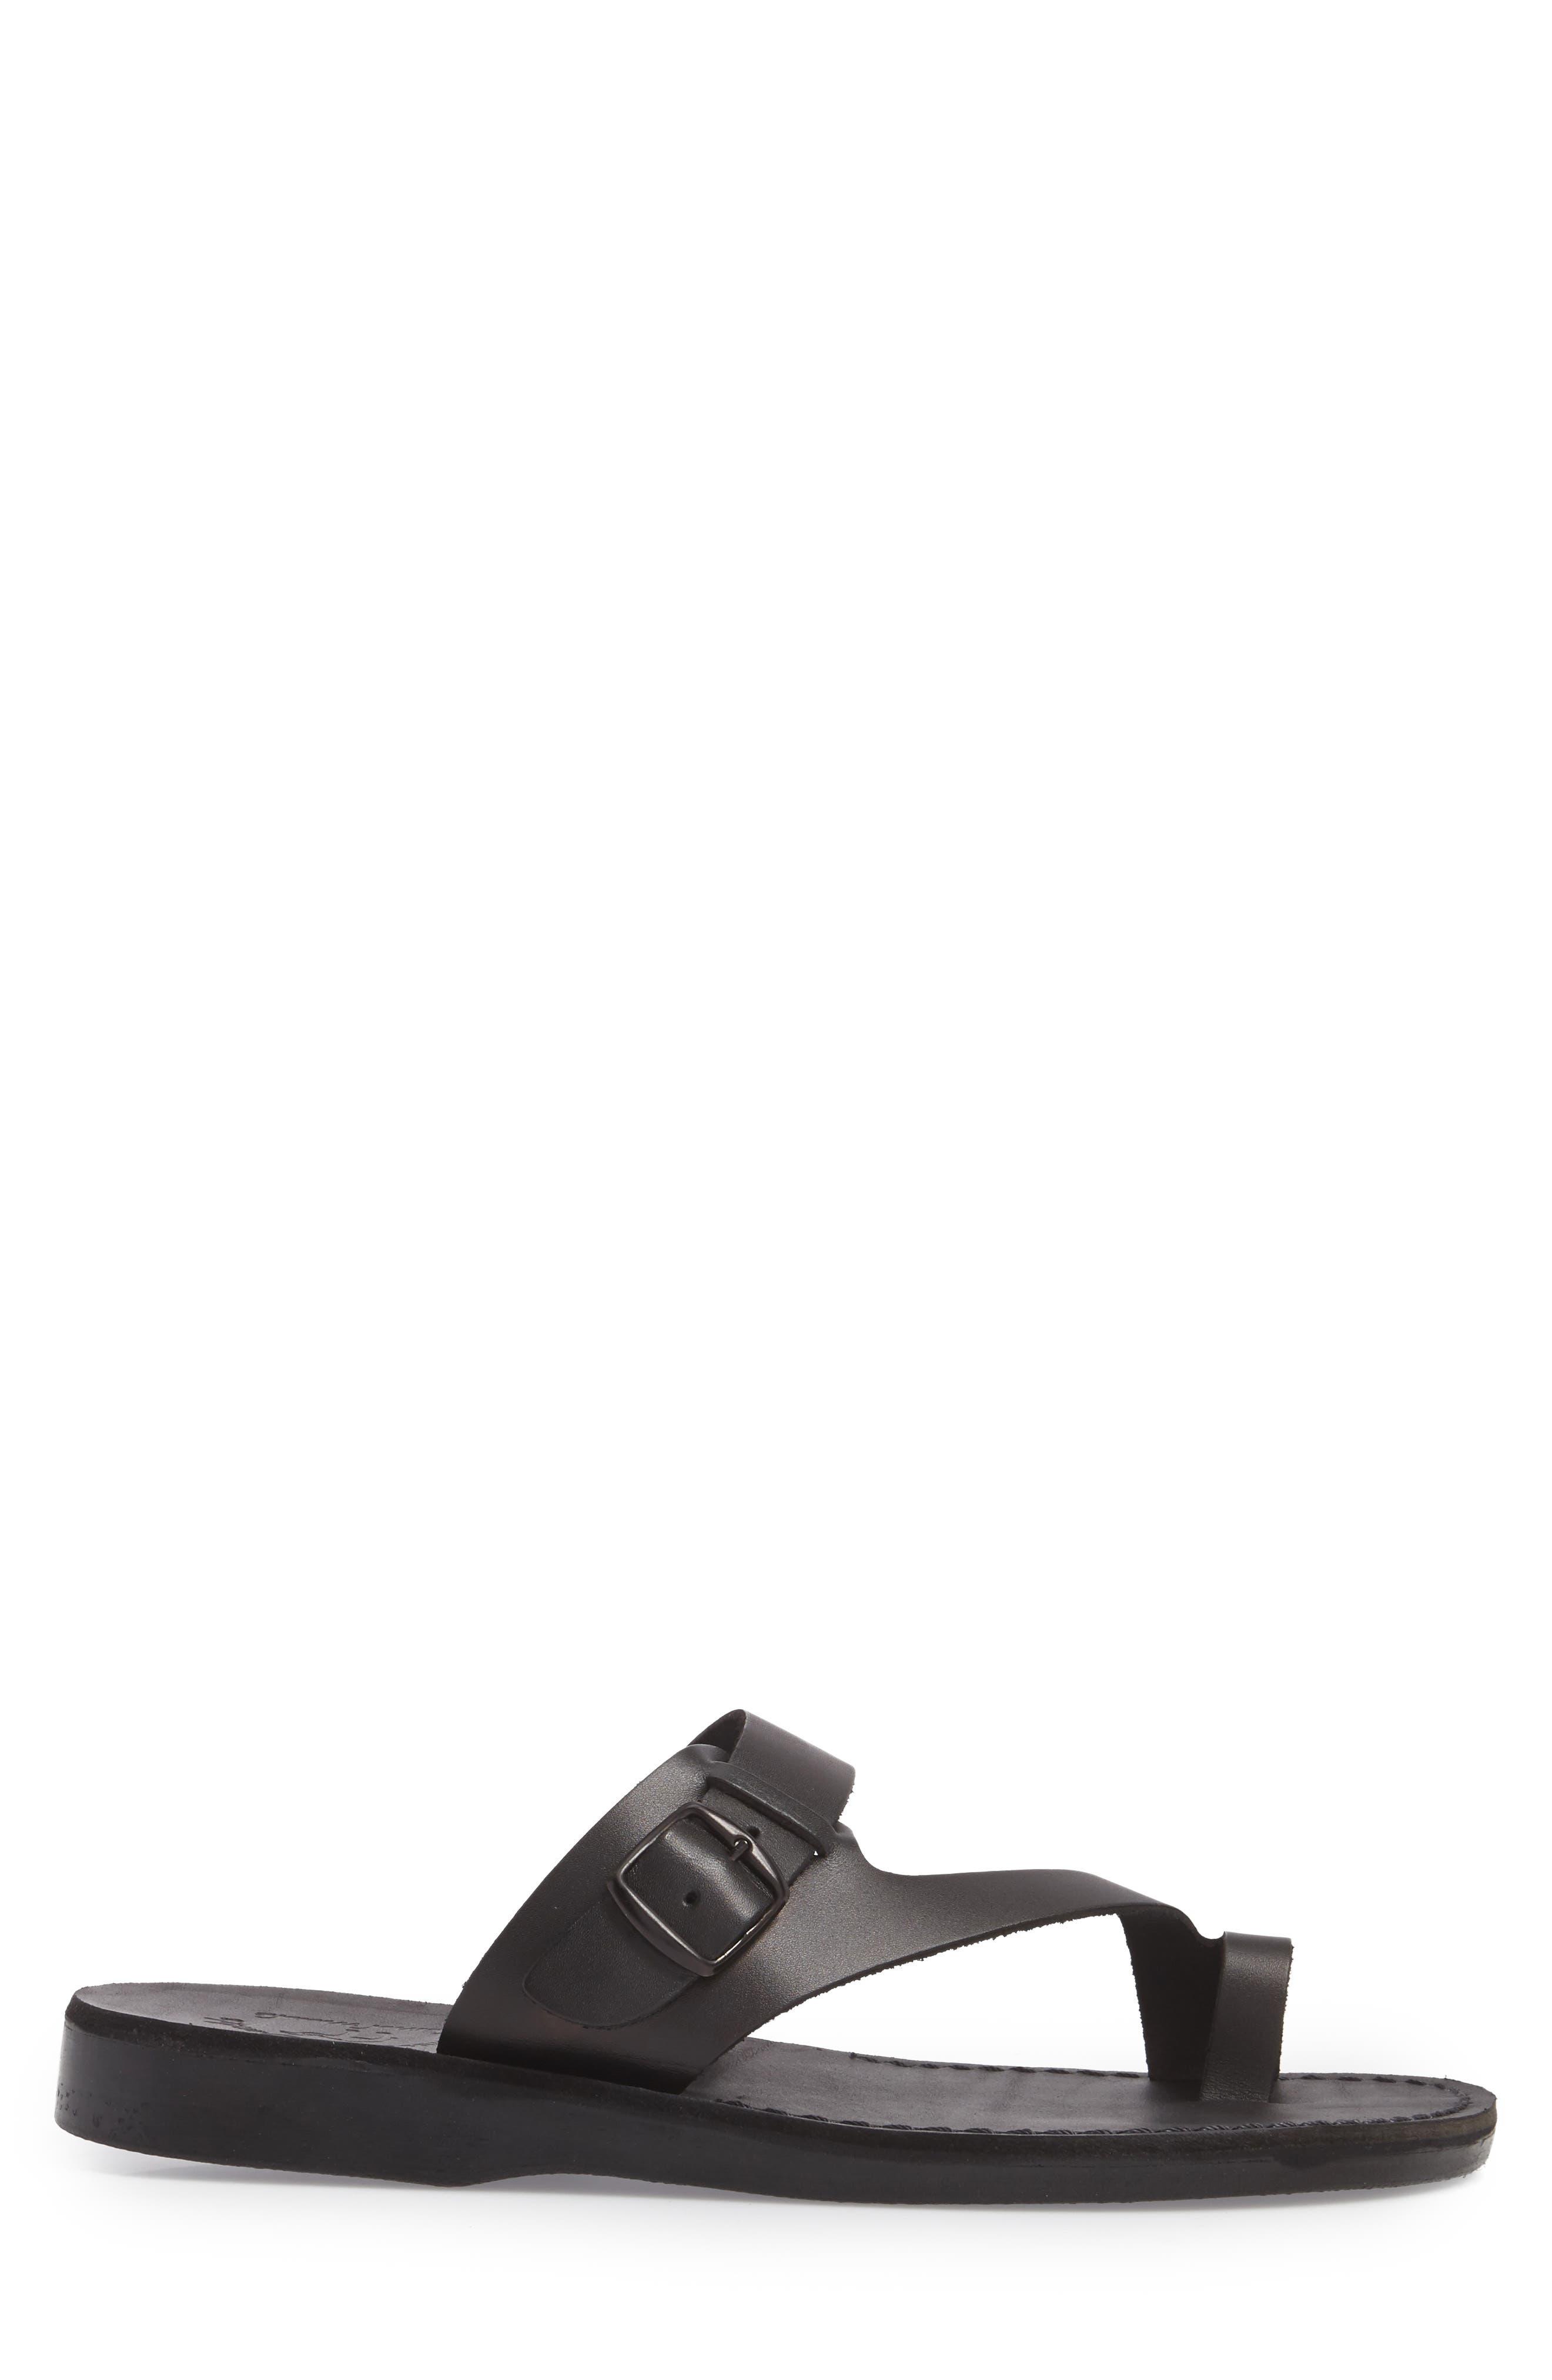 JERUSALEM SANDALS, Abner Toe Loop Sandal, Alternate thumbnail 3, color, BLACK LEATHER